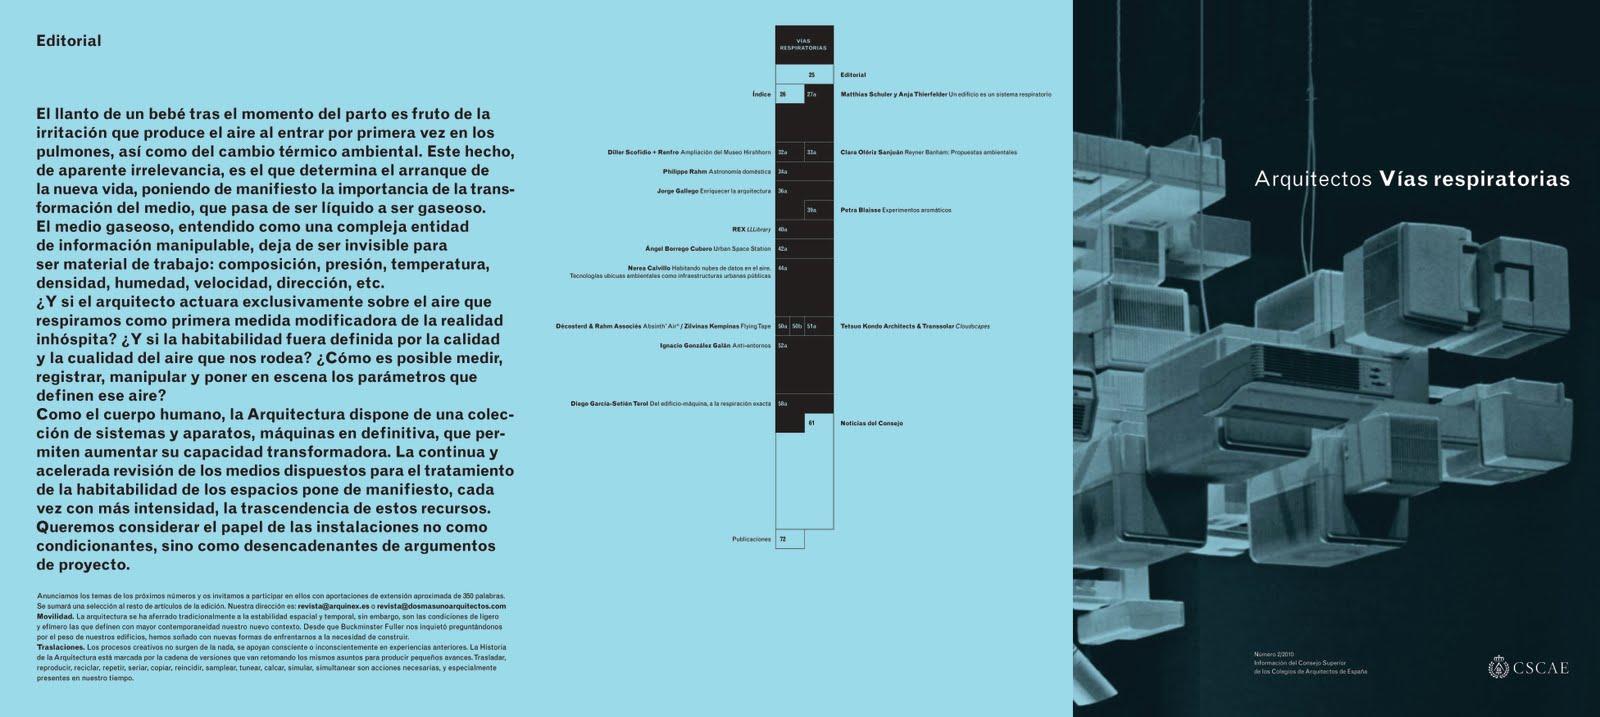 el segundo nmero de de la revista arquitectos arquitectos vas editada por el cscae y dirigida por